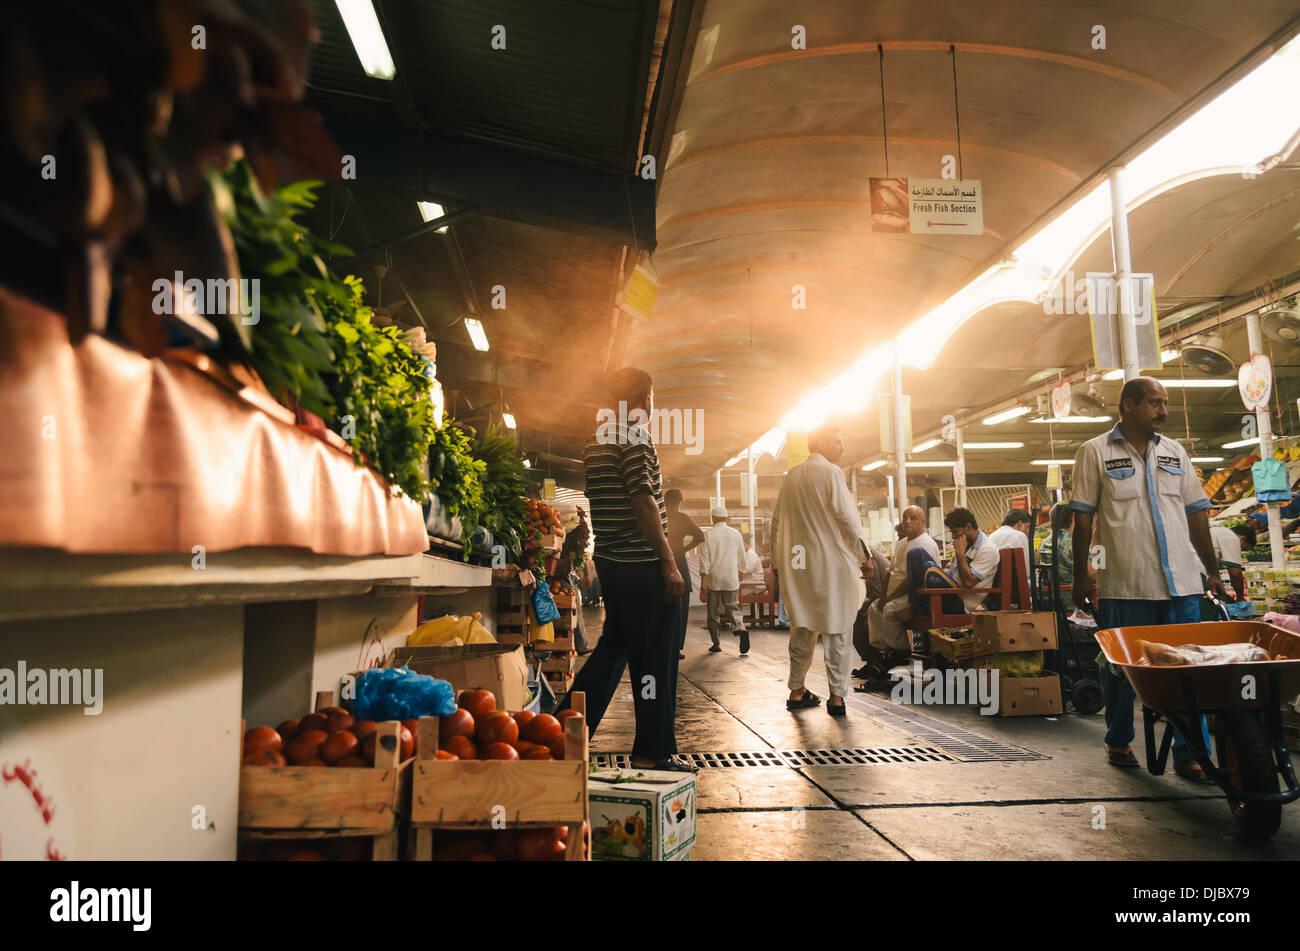 Les hommes arabes marcher le long d'un des couloirs du Deira au marché de fruits et légumes pendant Photo Stock